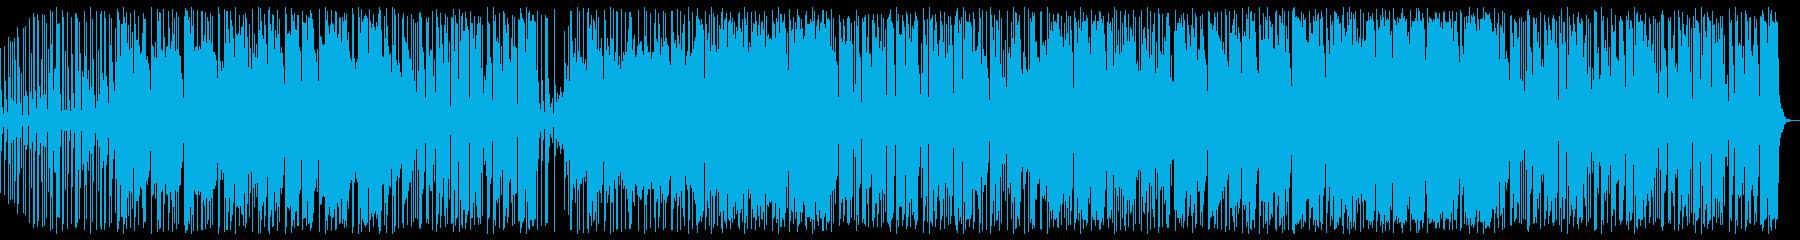 サラサラ ジャズ 代替案 ポップ ...の再生済みの波形